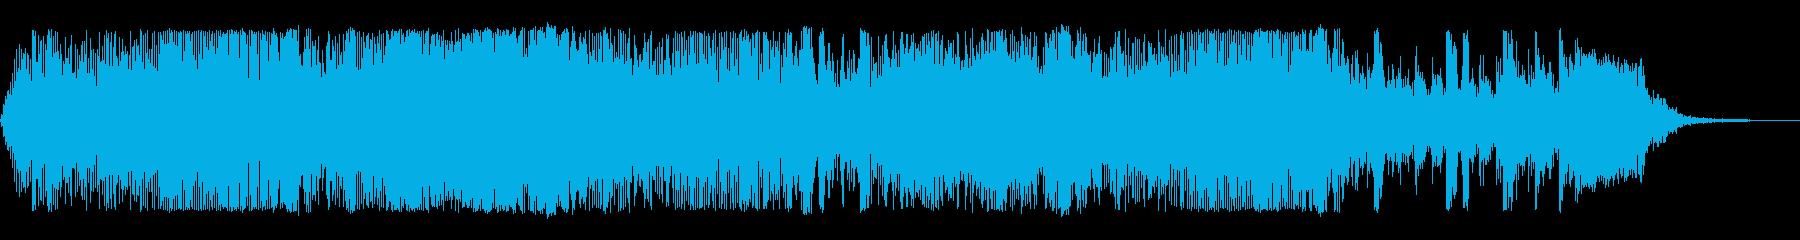 スピード感あふれるロックの再生済みの波形